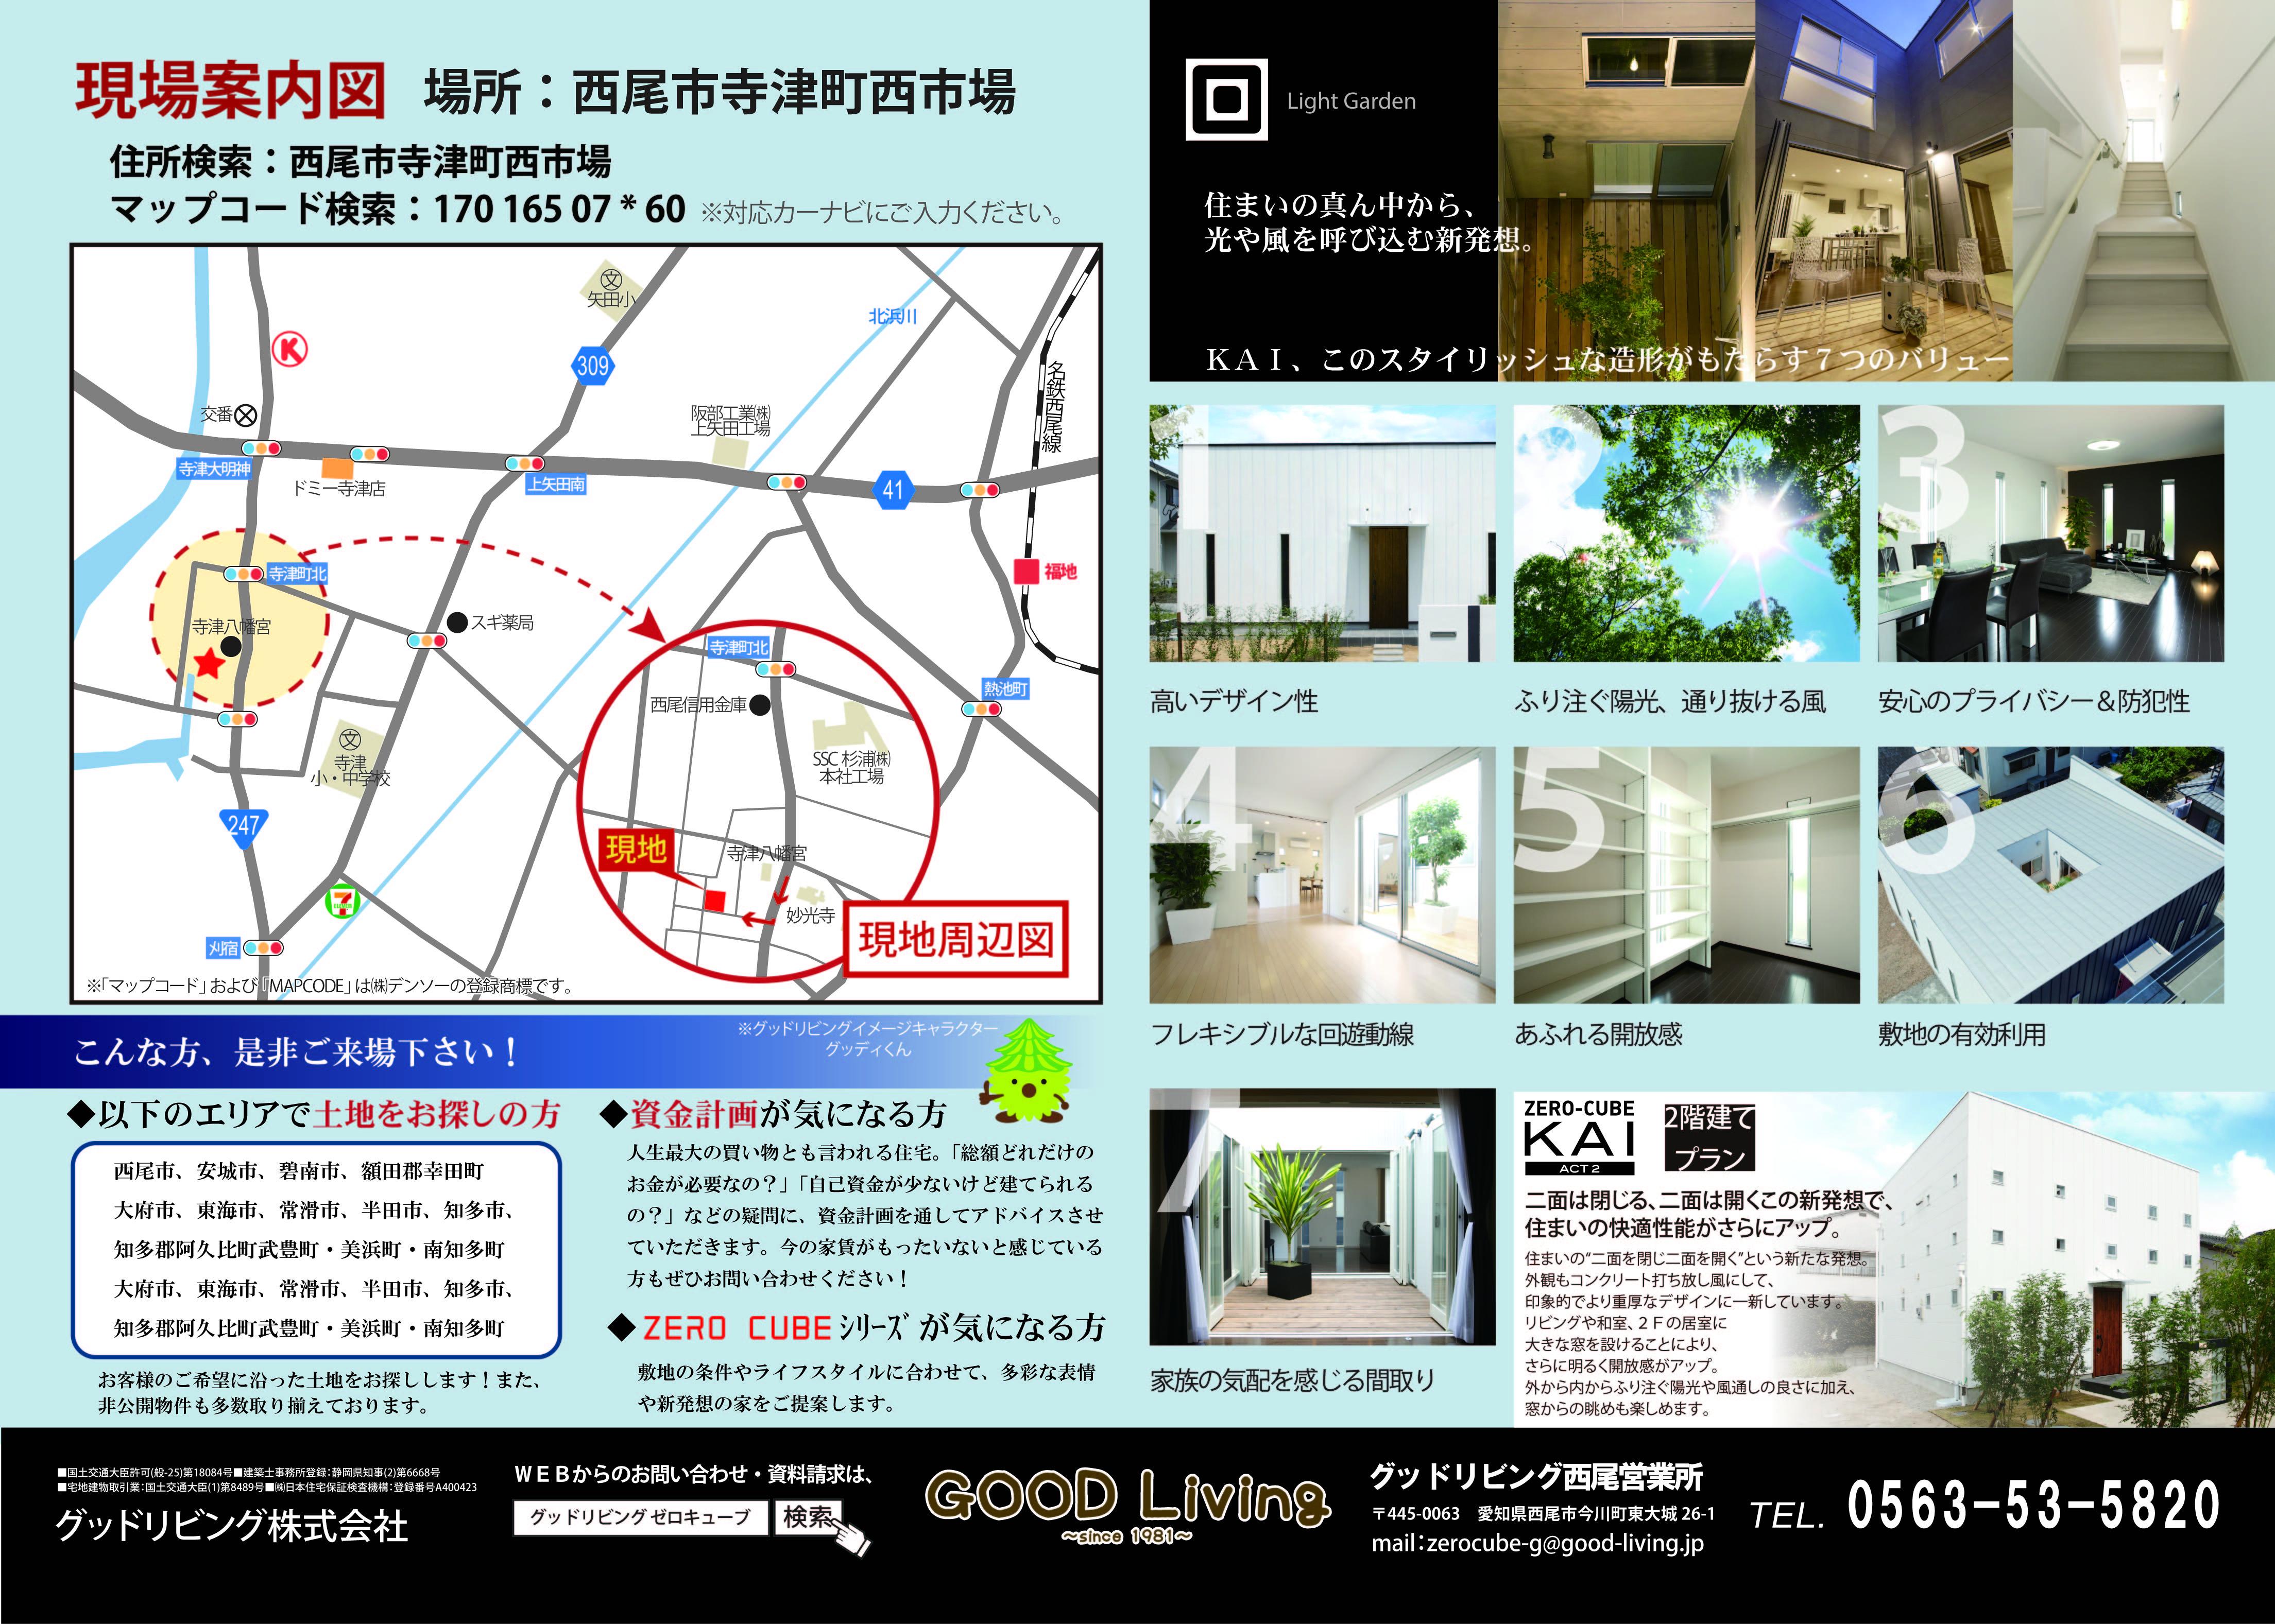 160226_西様-02.jpg